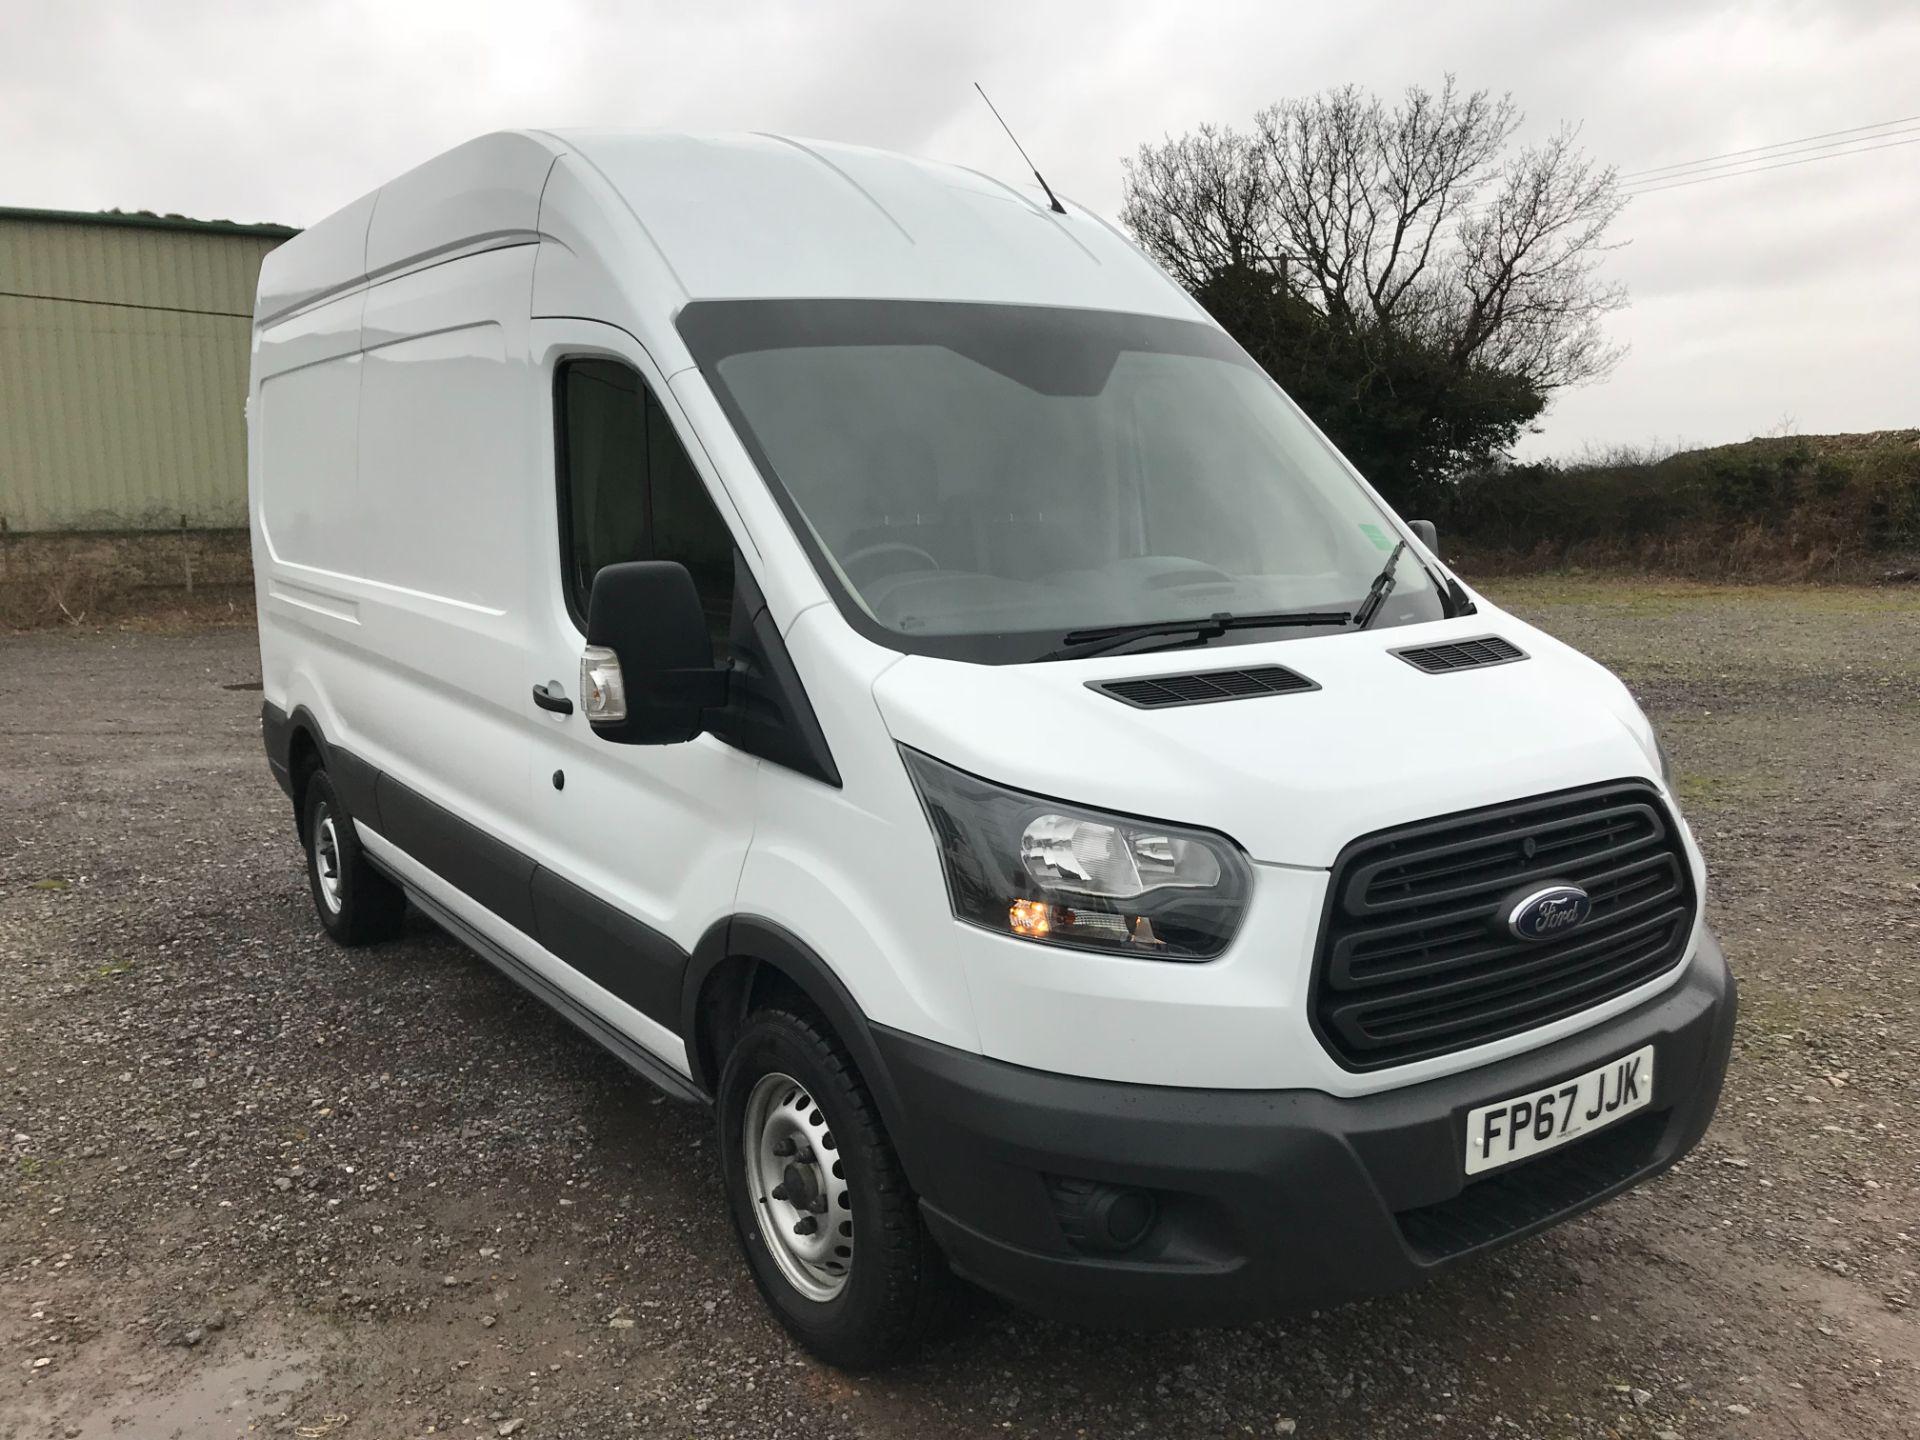 2017 Ford Transit 350  L3 H3 VAN 130PS EURO 6 (FP67JJK)